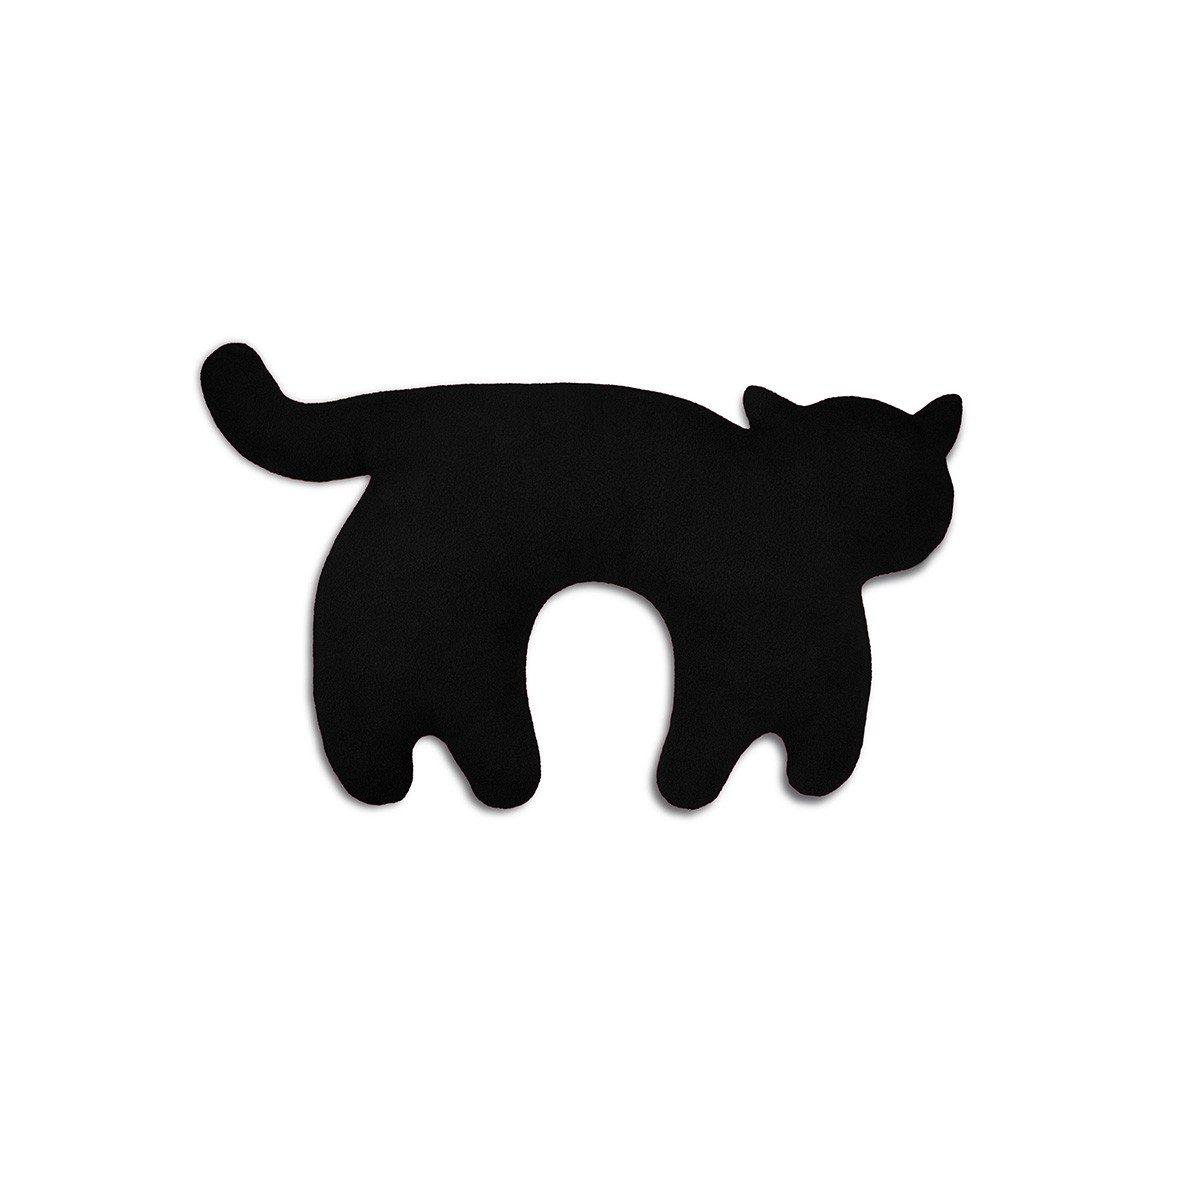 Katteformet rejsepude